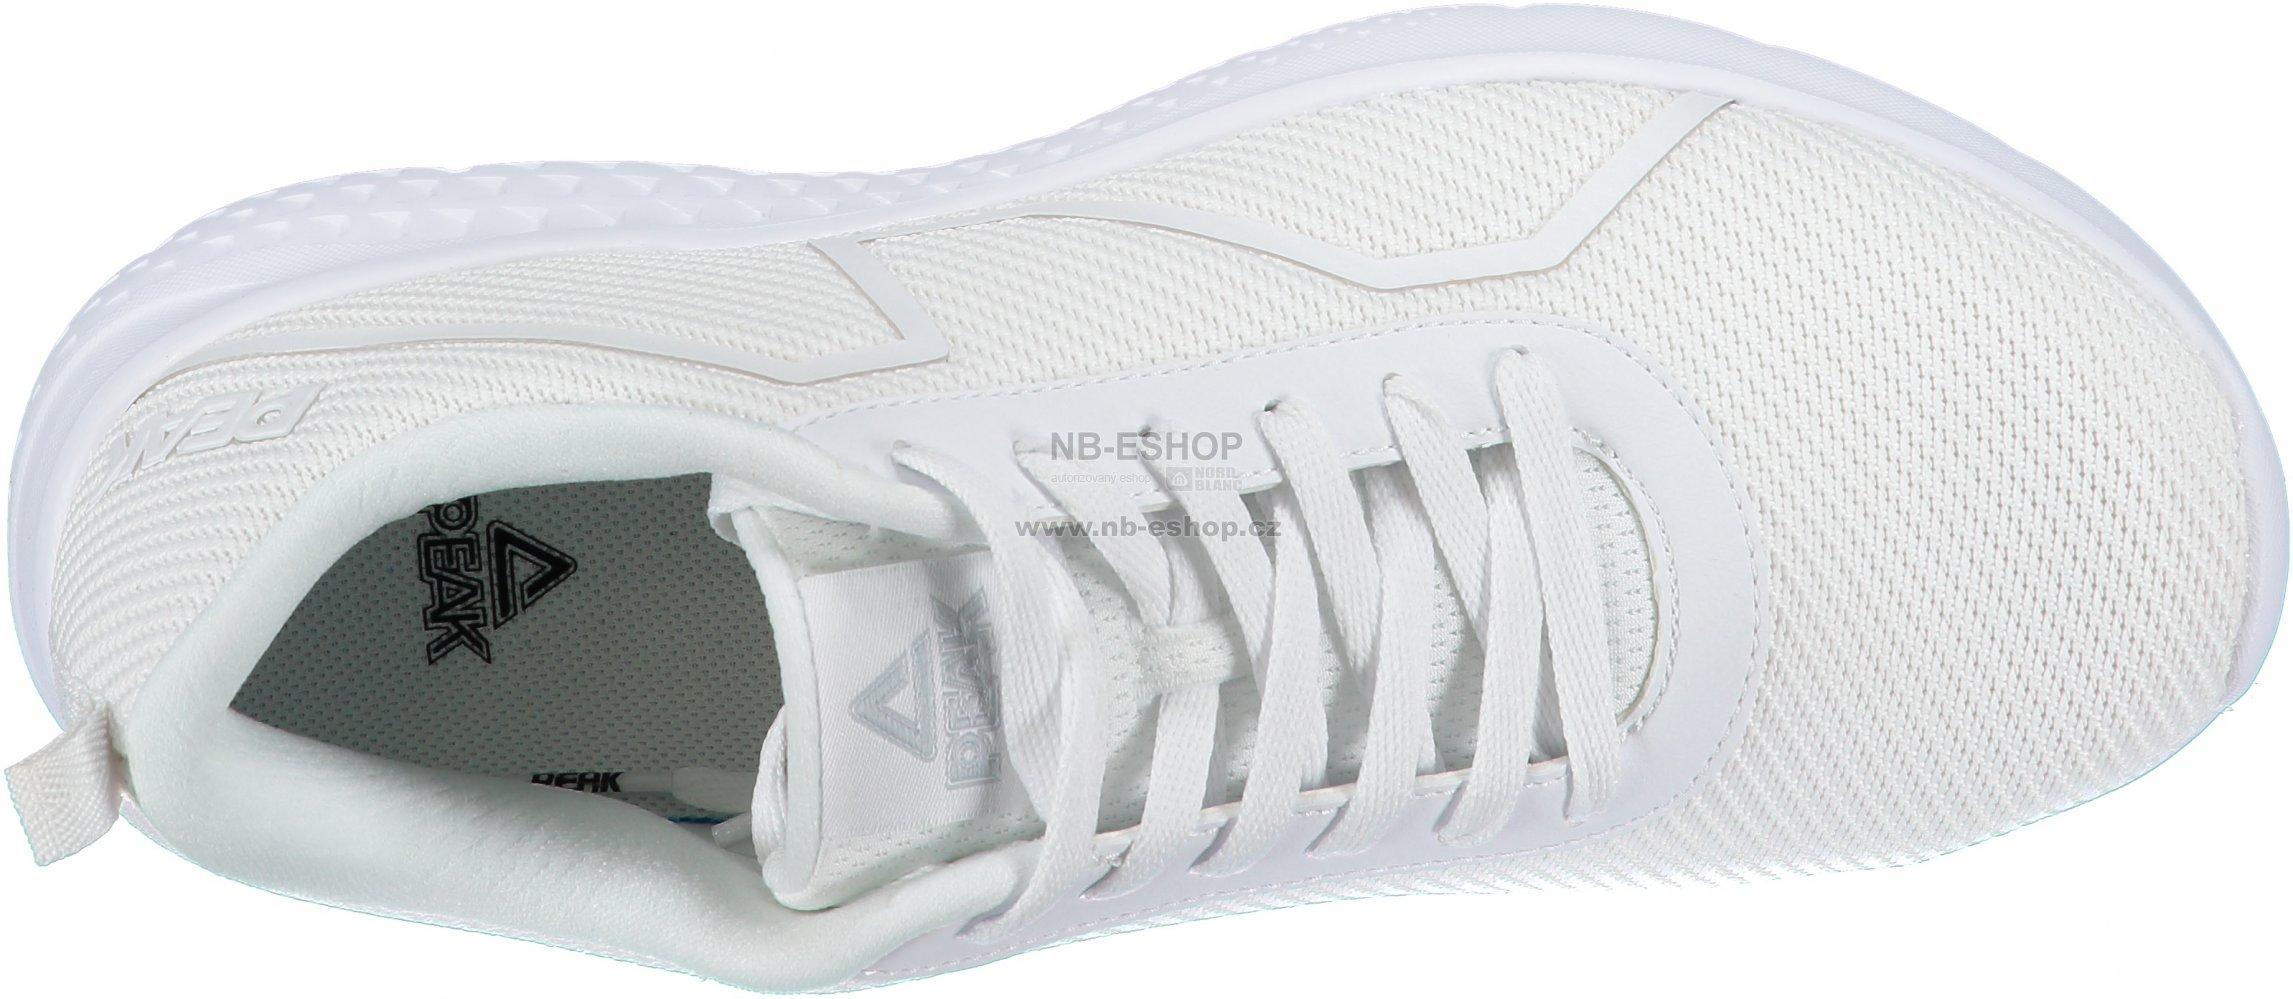 c9f5ce94d77 Dámské sportovní boty PEAK JOGGING SHOES EW83328E BÍLÁ velikost  EU ...